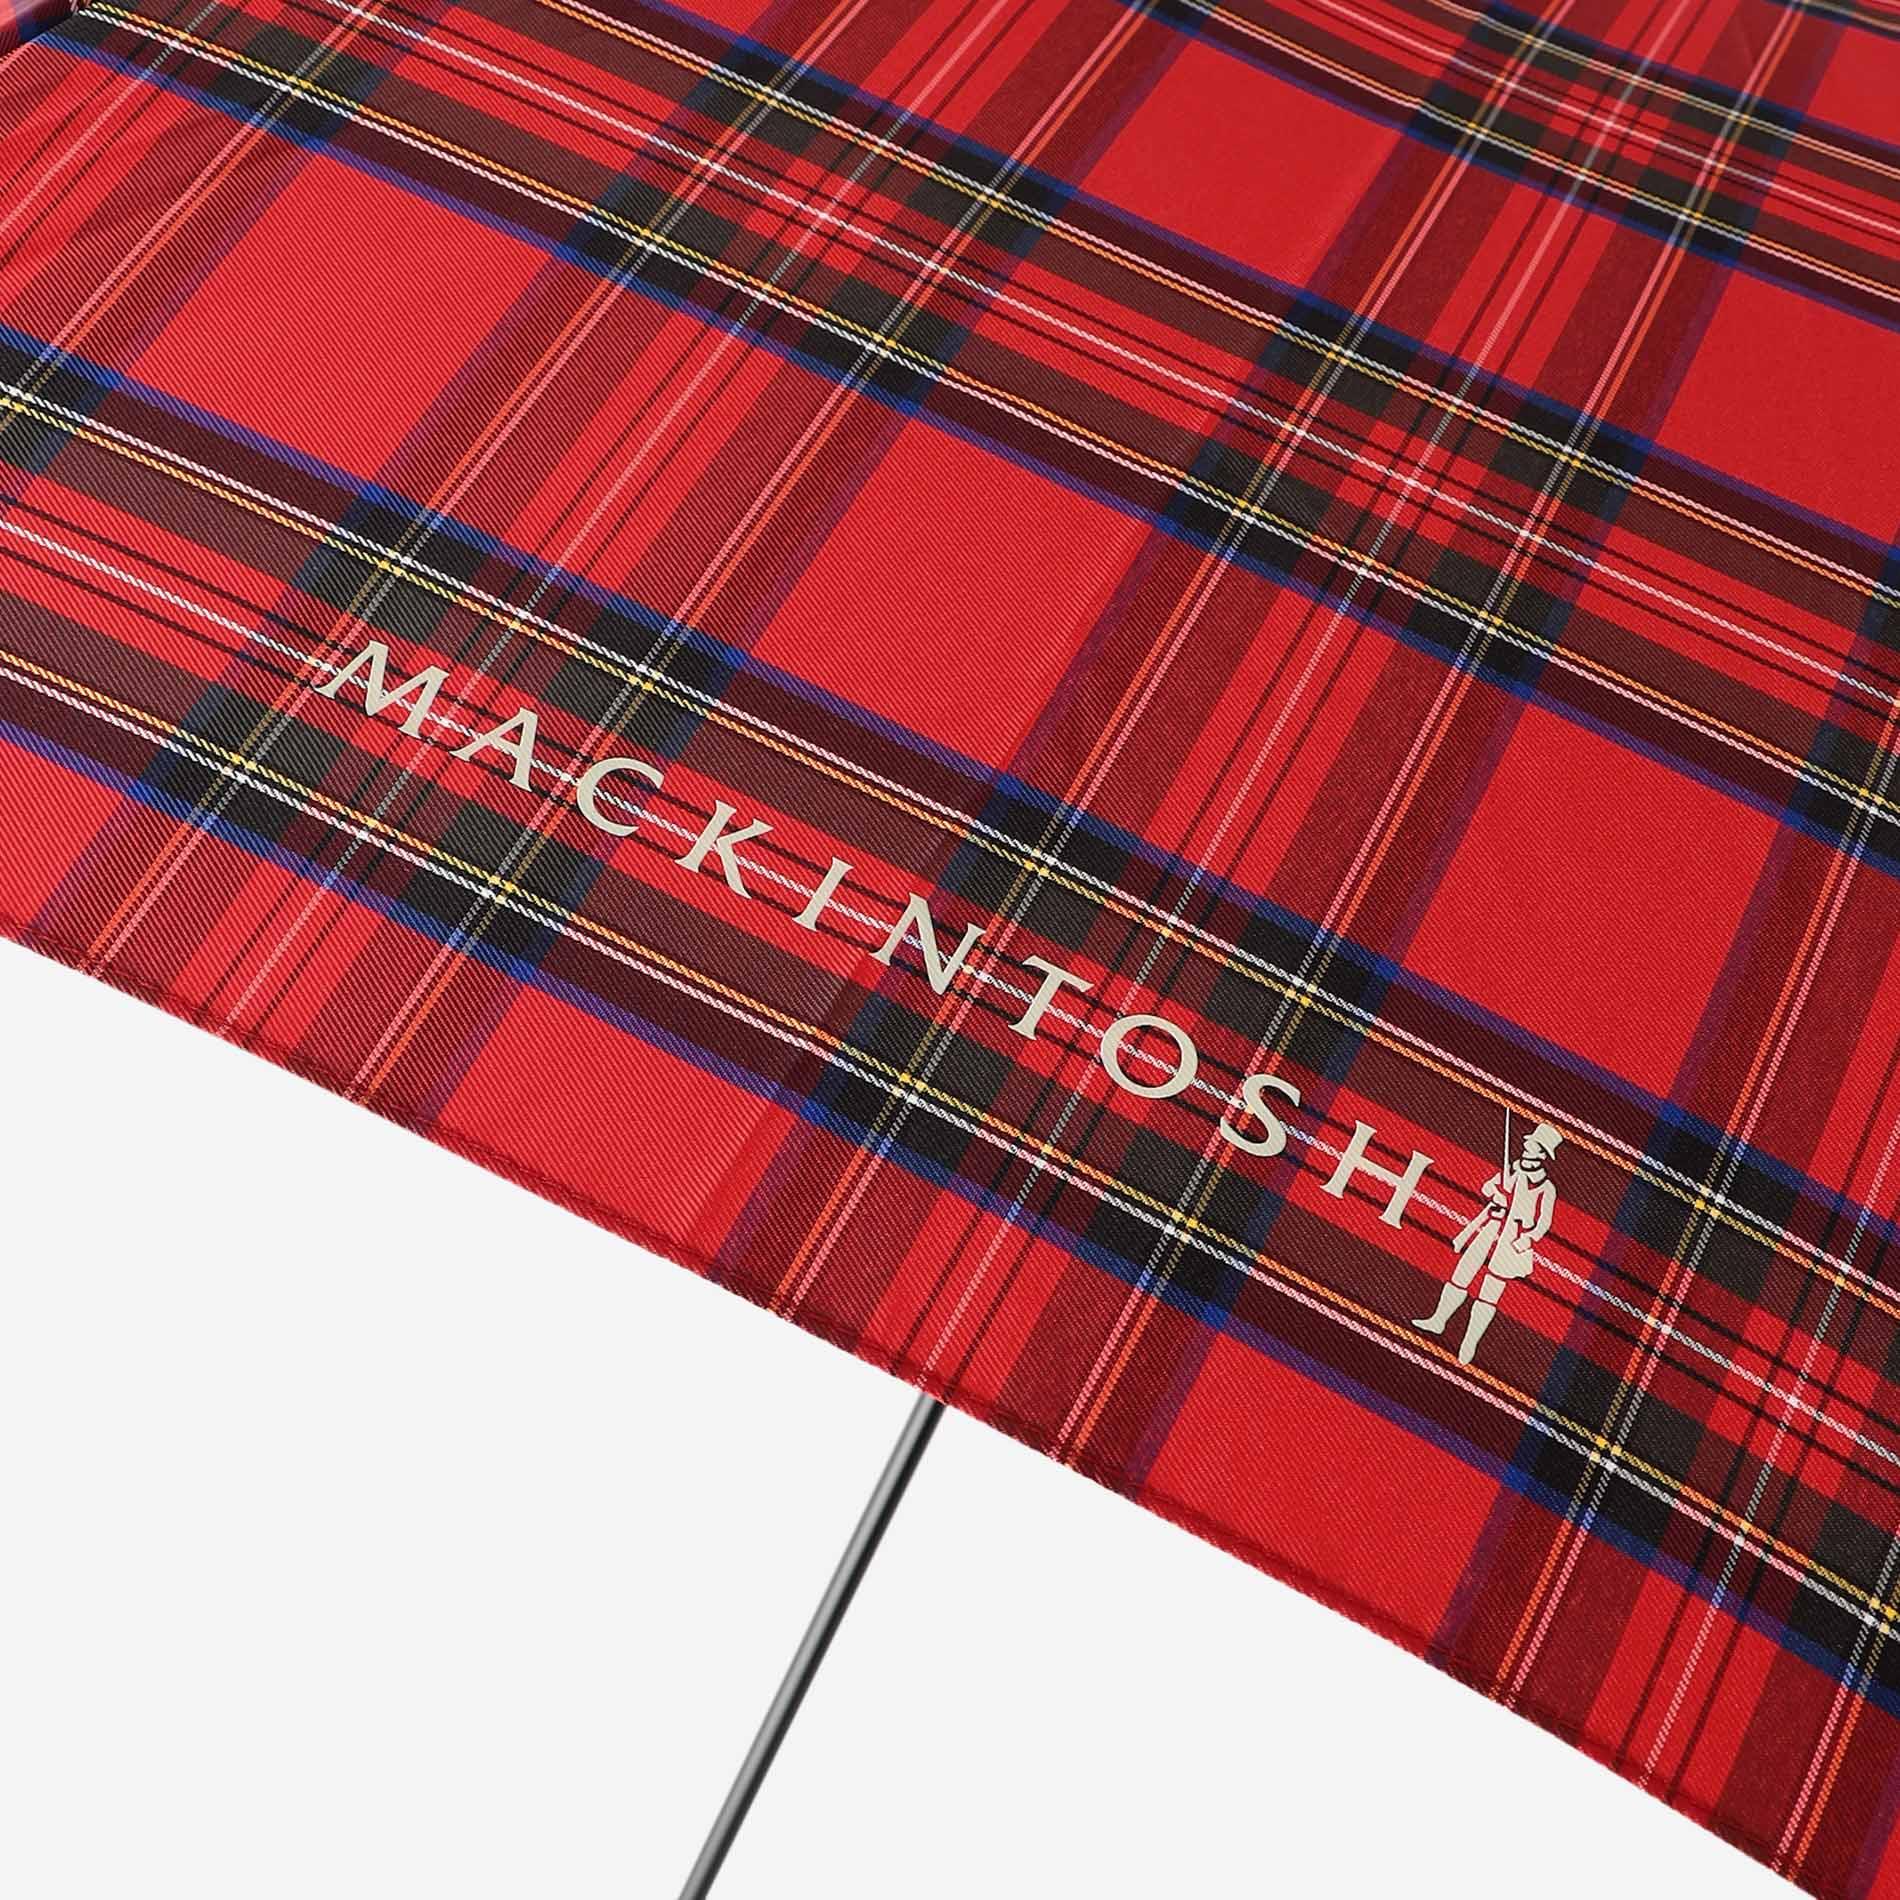 【MACKINTOSH】タータンチェックアンブレラ